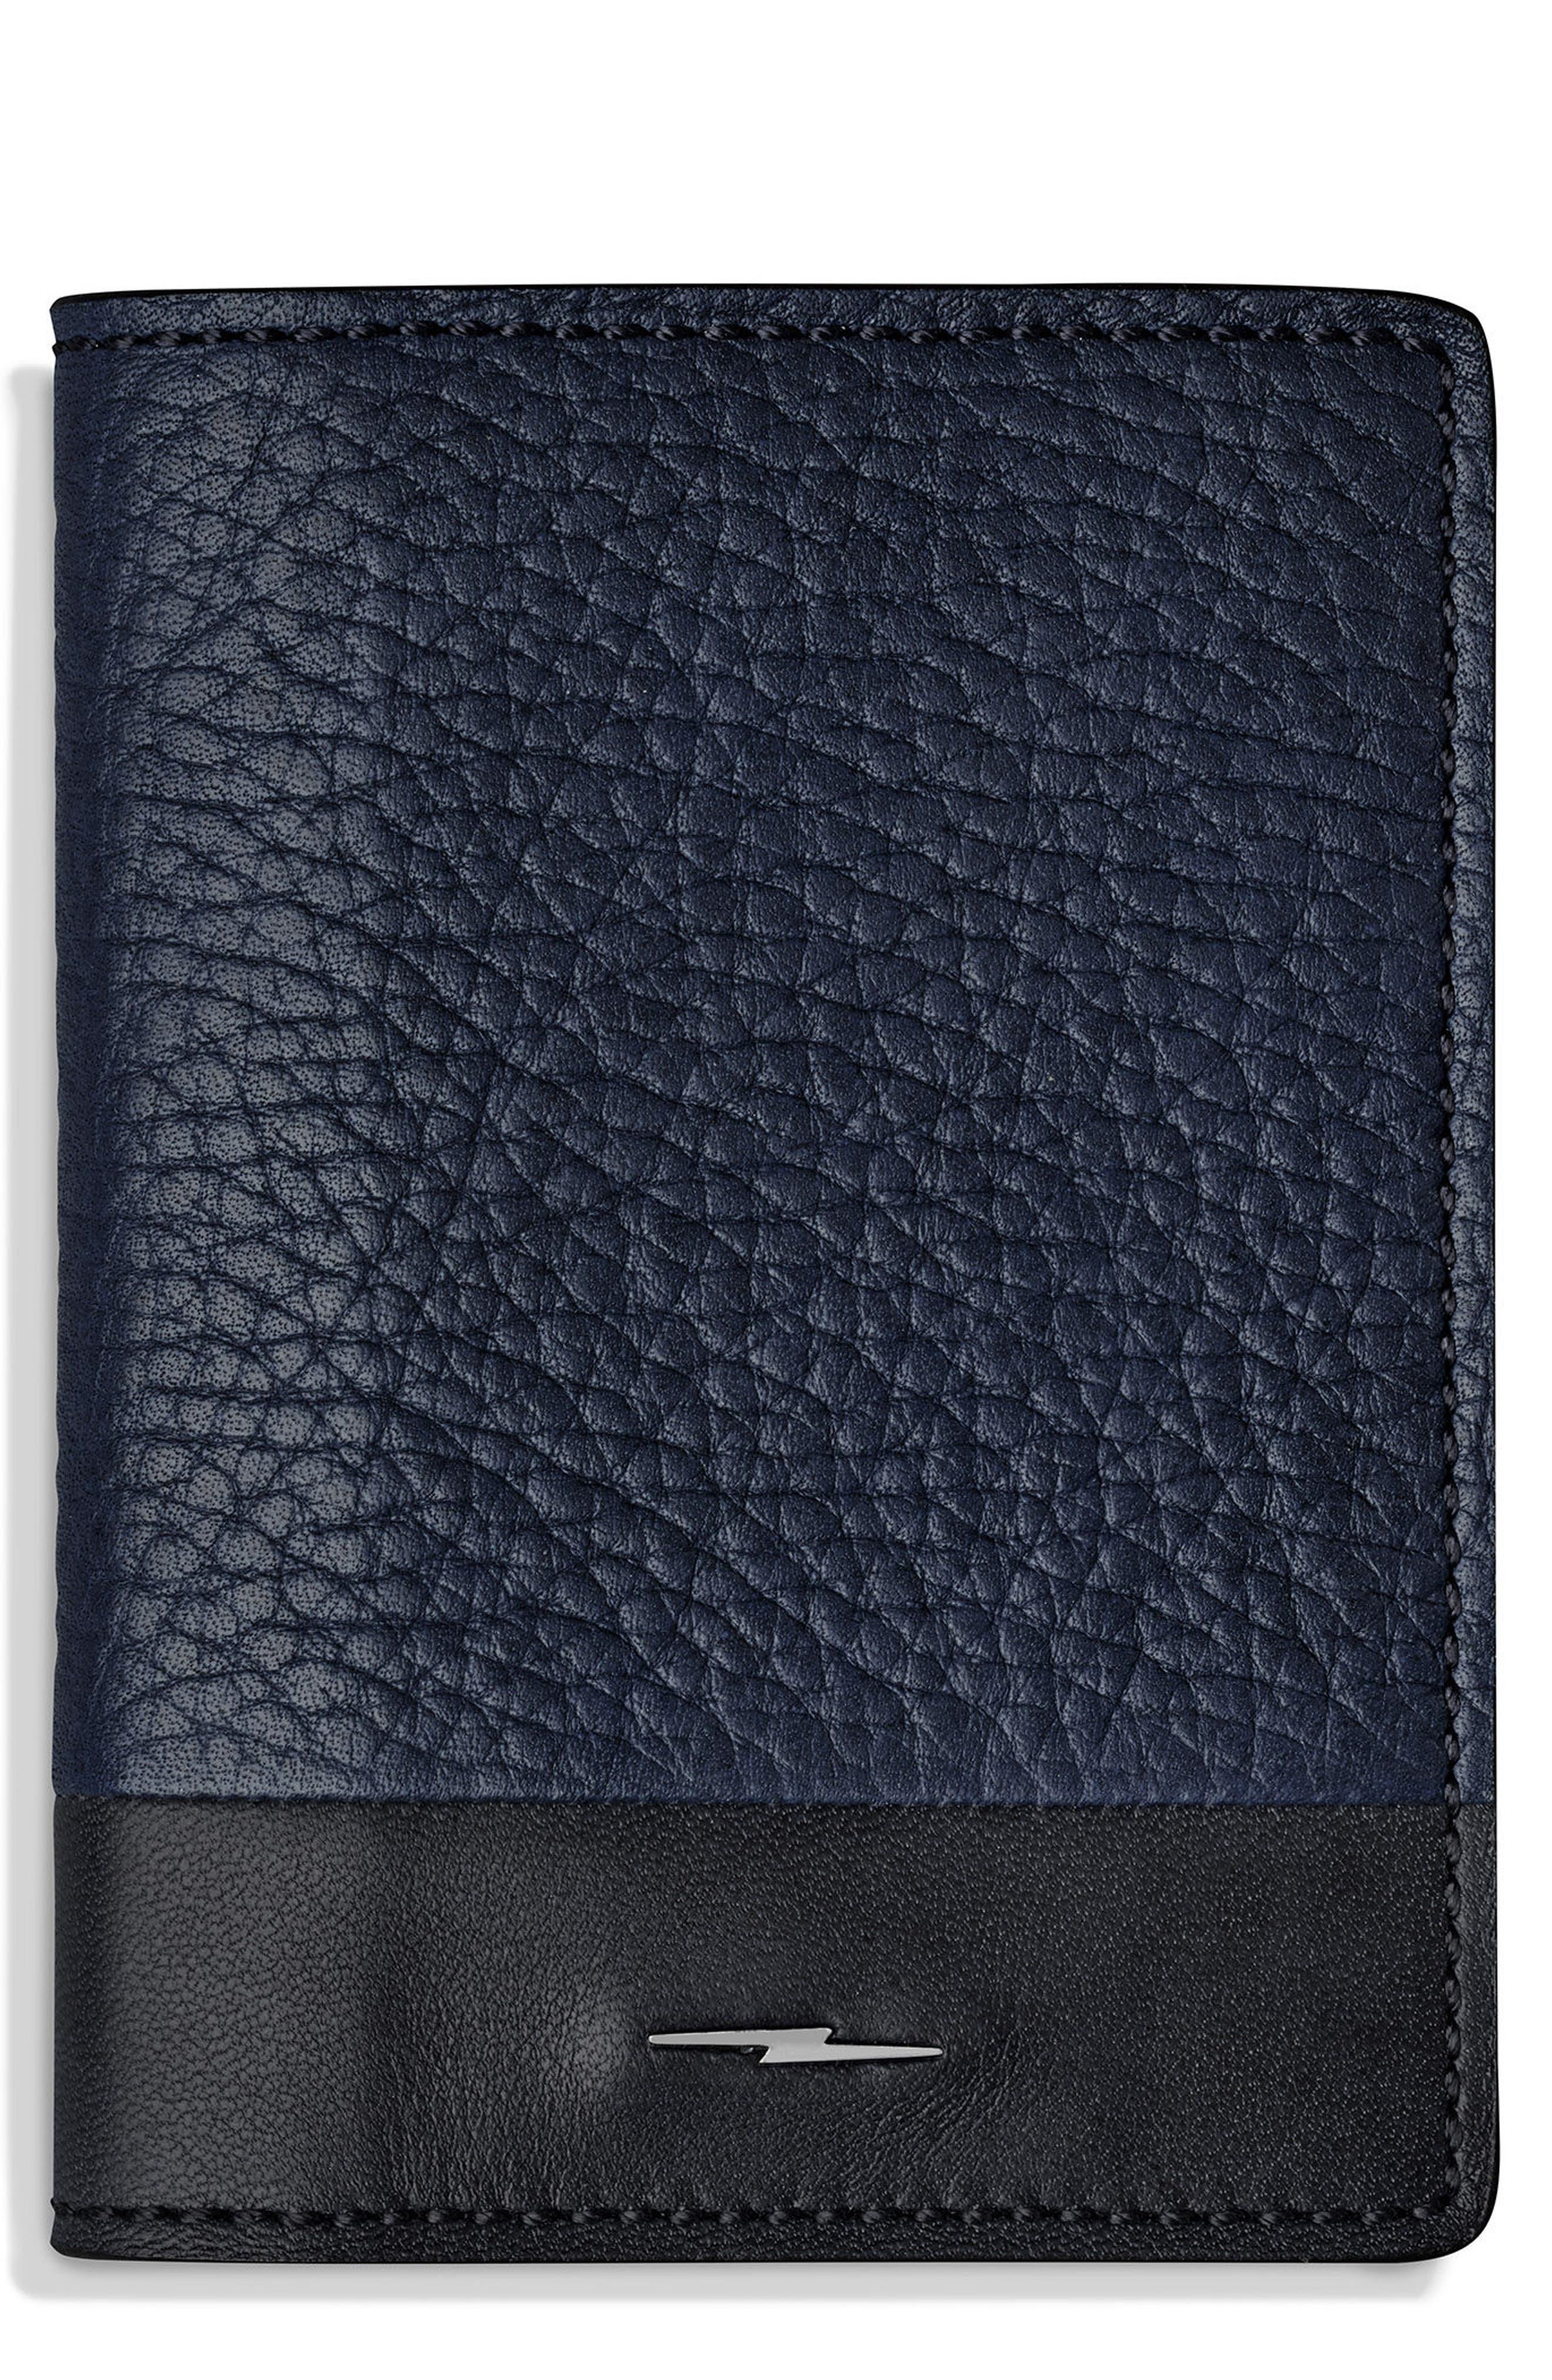 Alternate Image 1 Selected - Shinola Bold Card Case